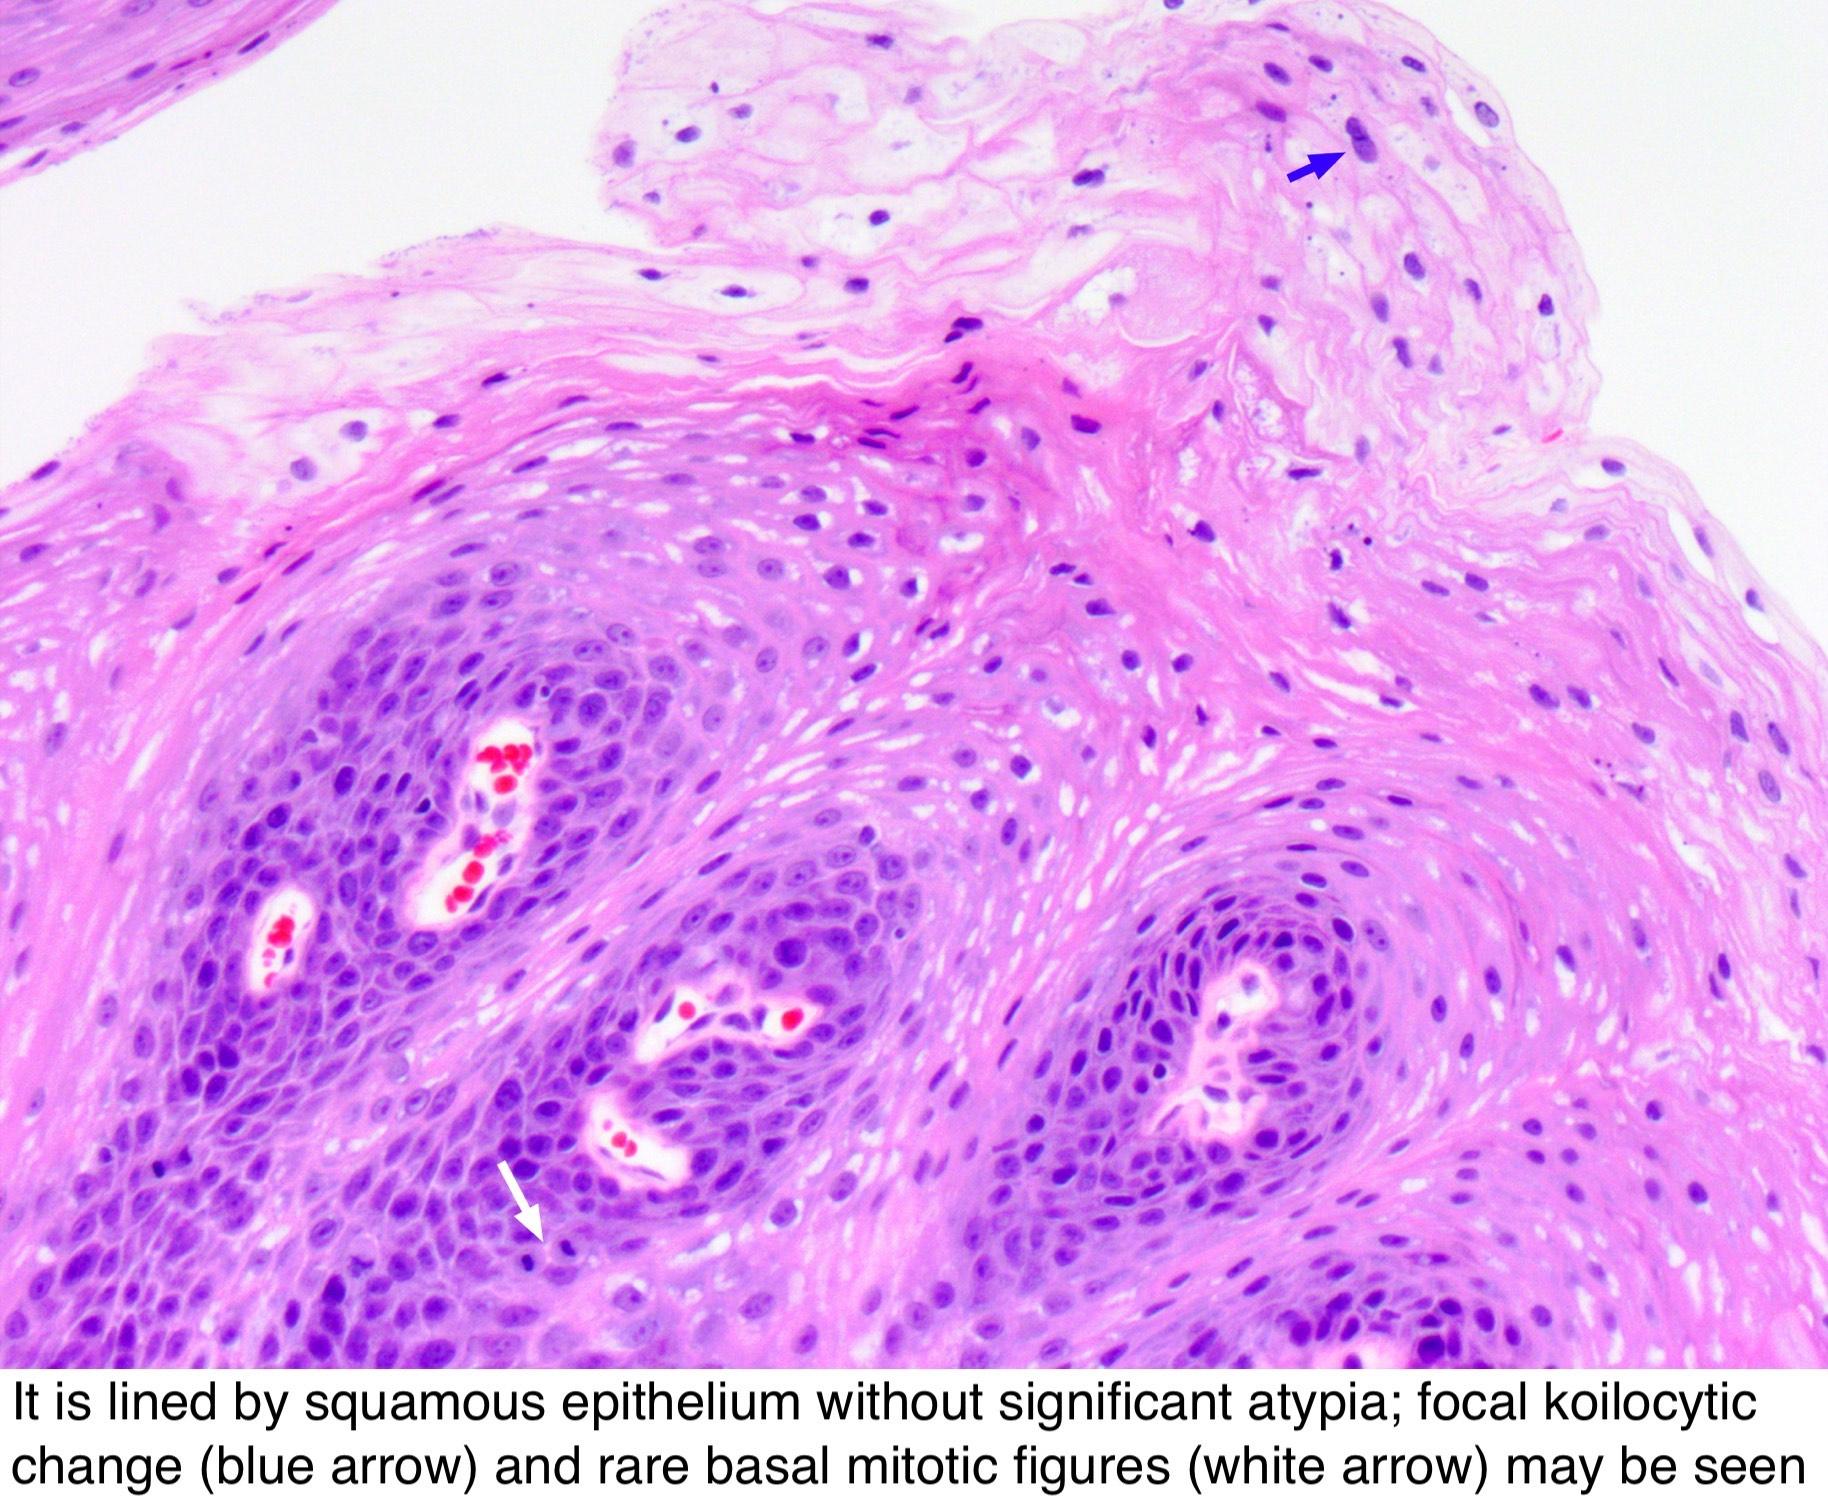 schneiderian nasal papilloma